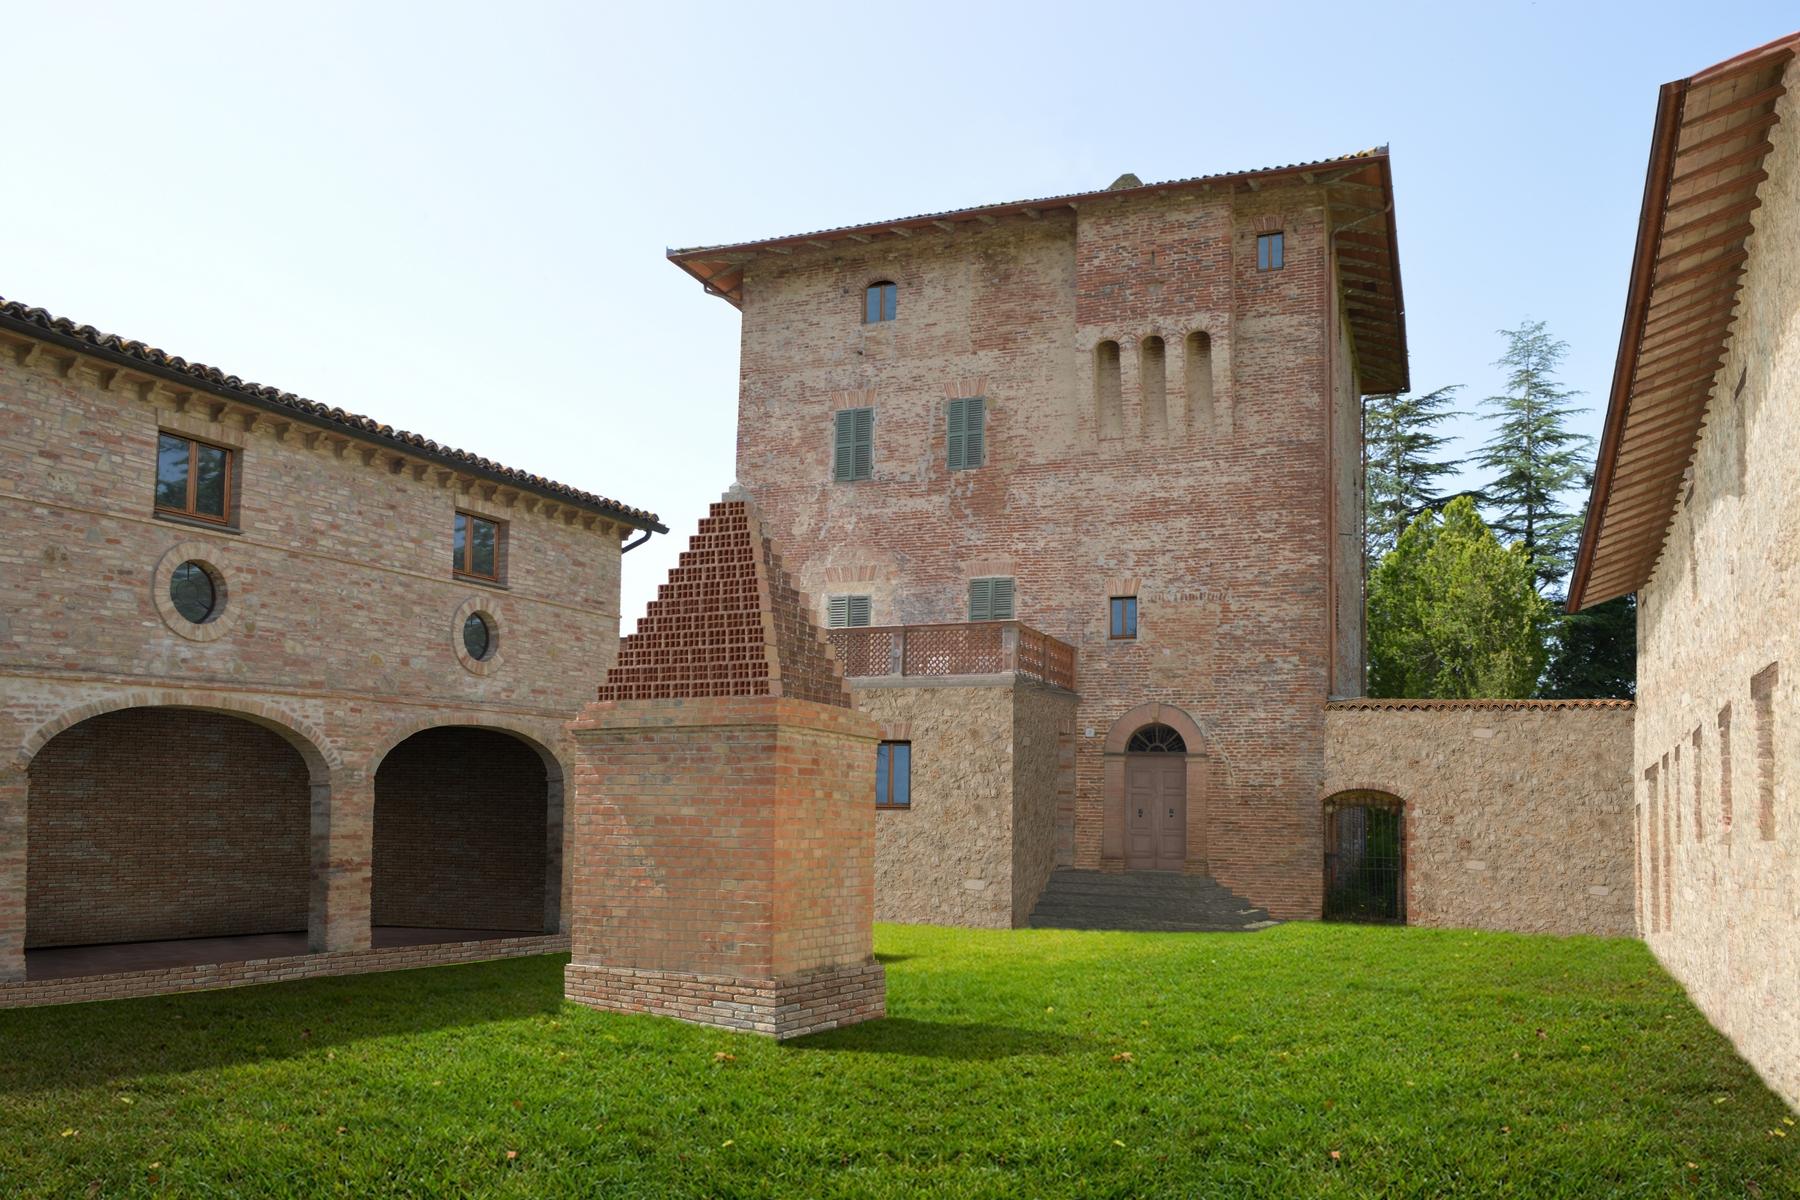 Rustico in Vendita a Marsciano: 5 locali, 1500 mq - Foto 3